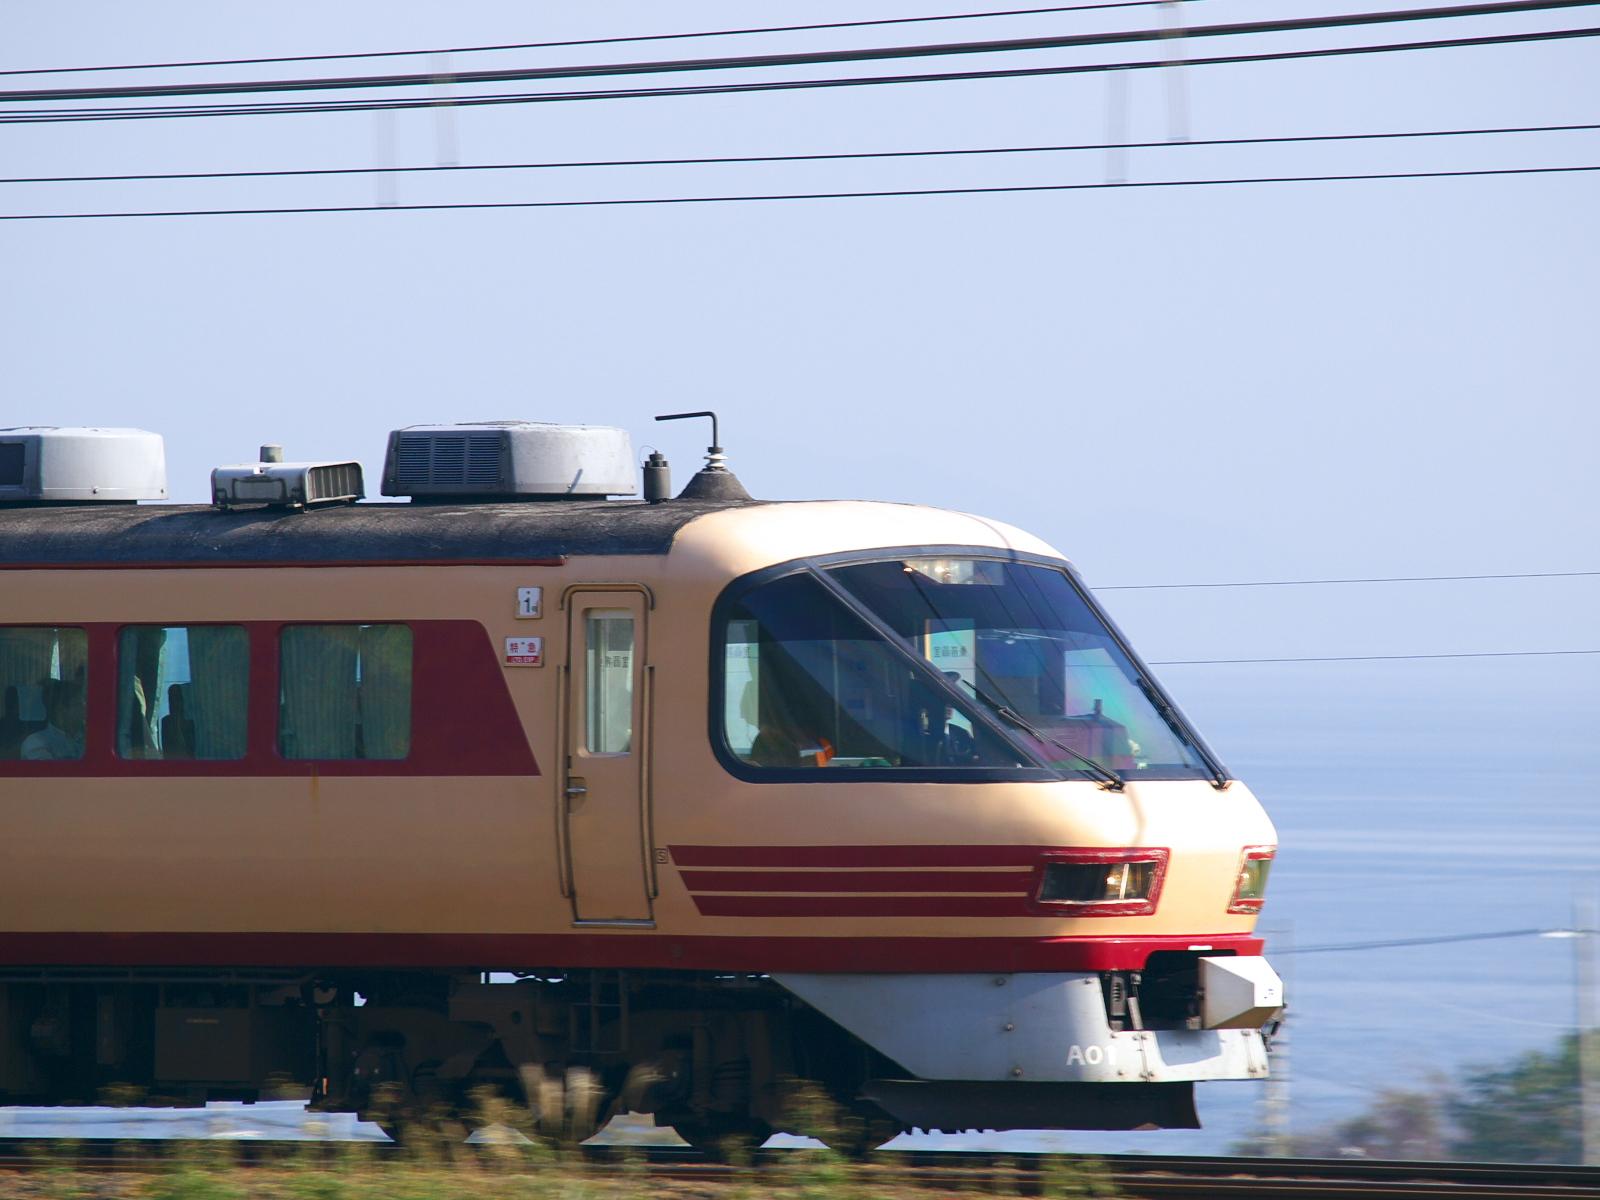 PB080213.jpg